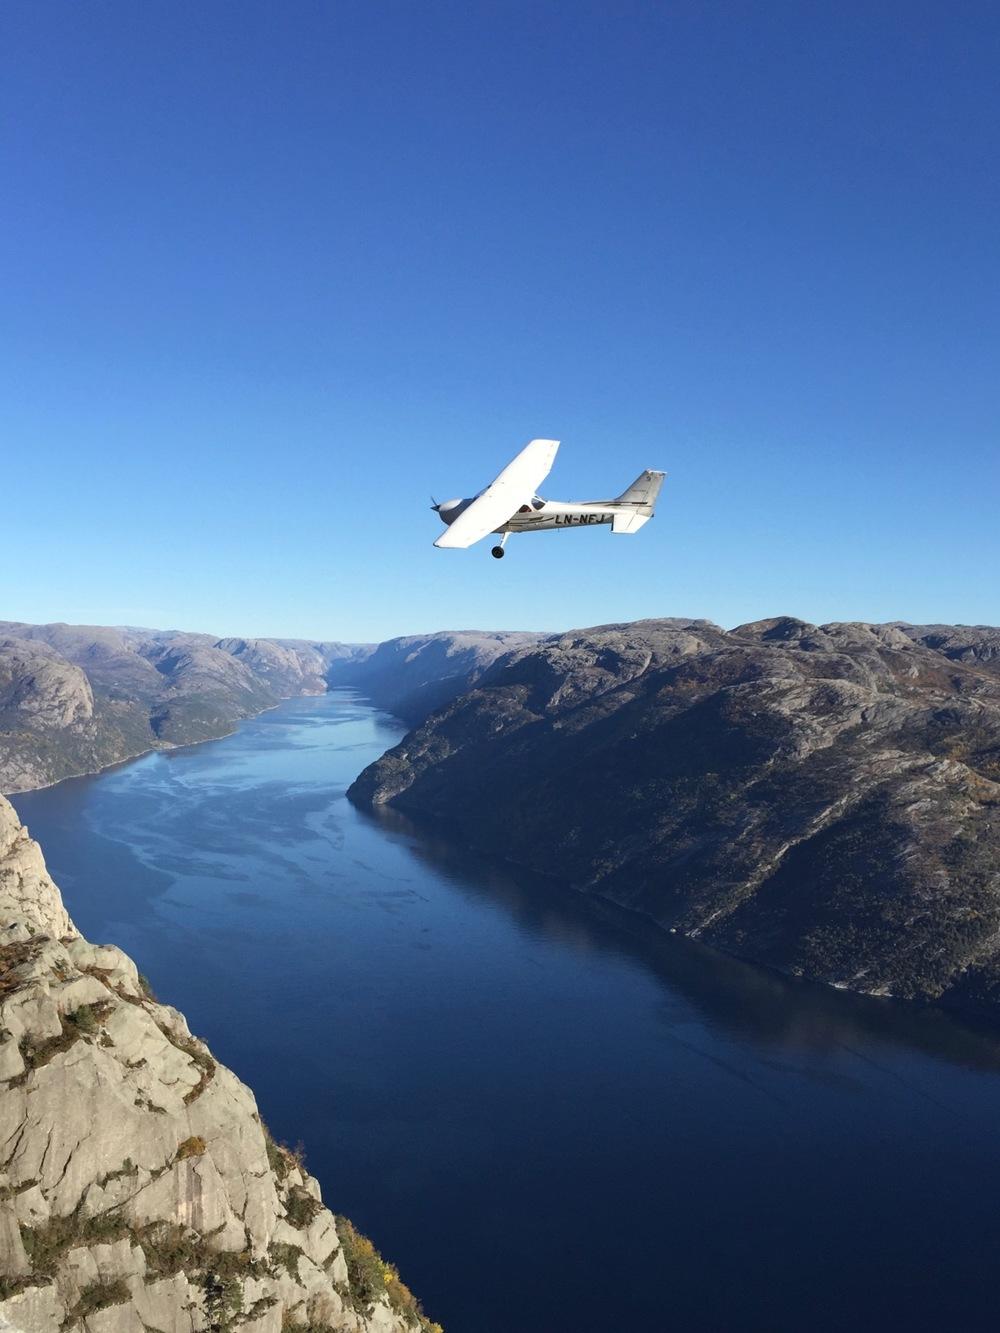 Preikestolen - Airplane.jpg